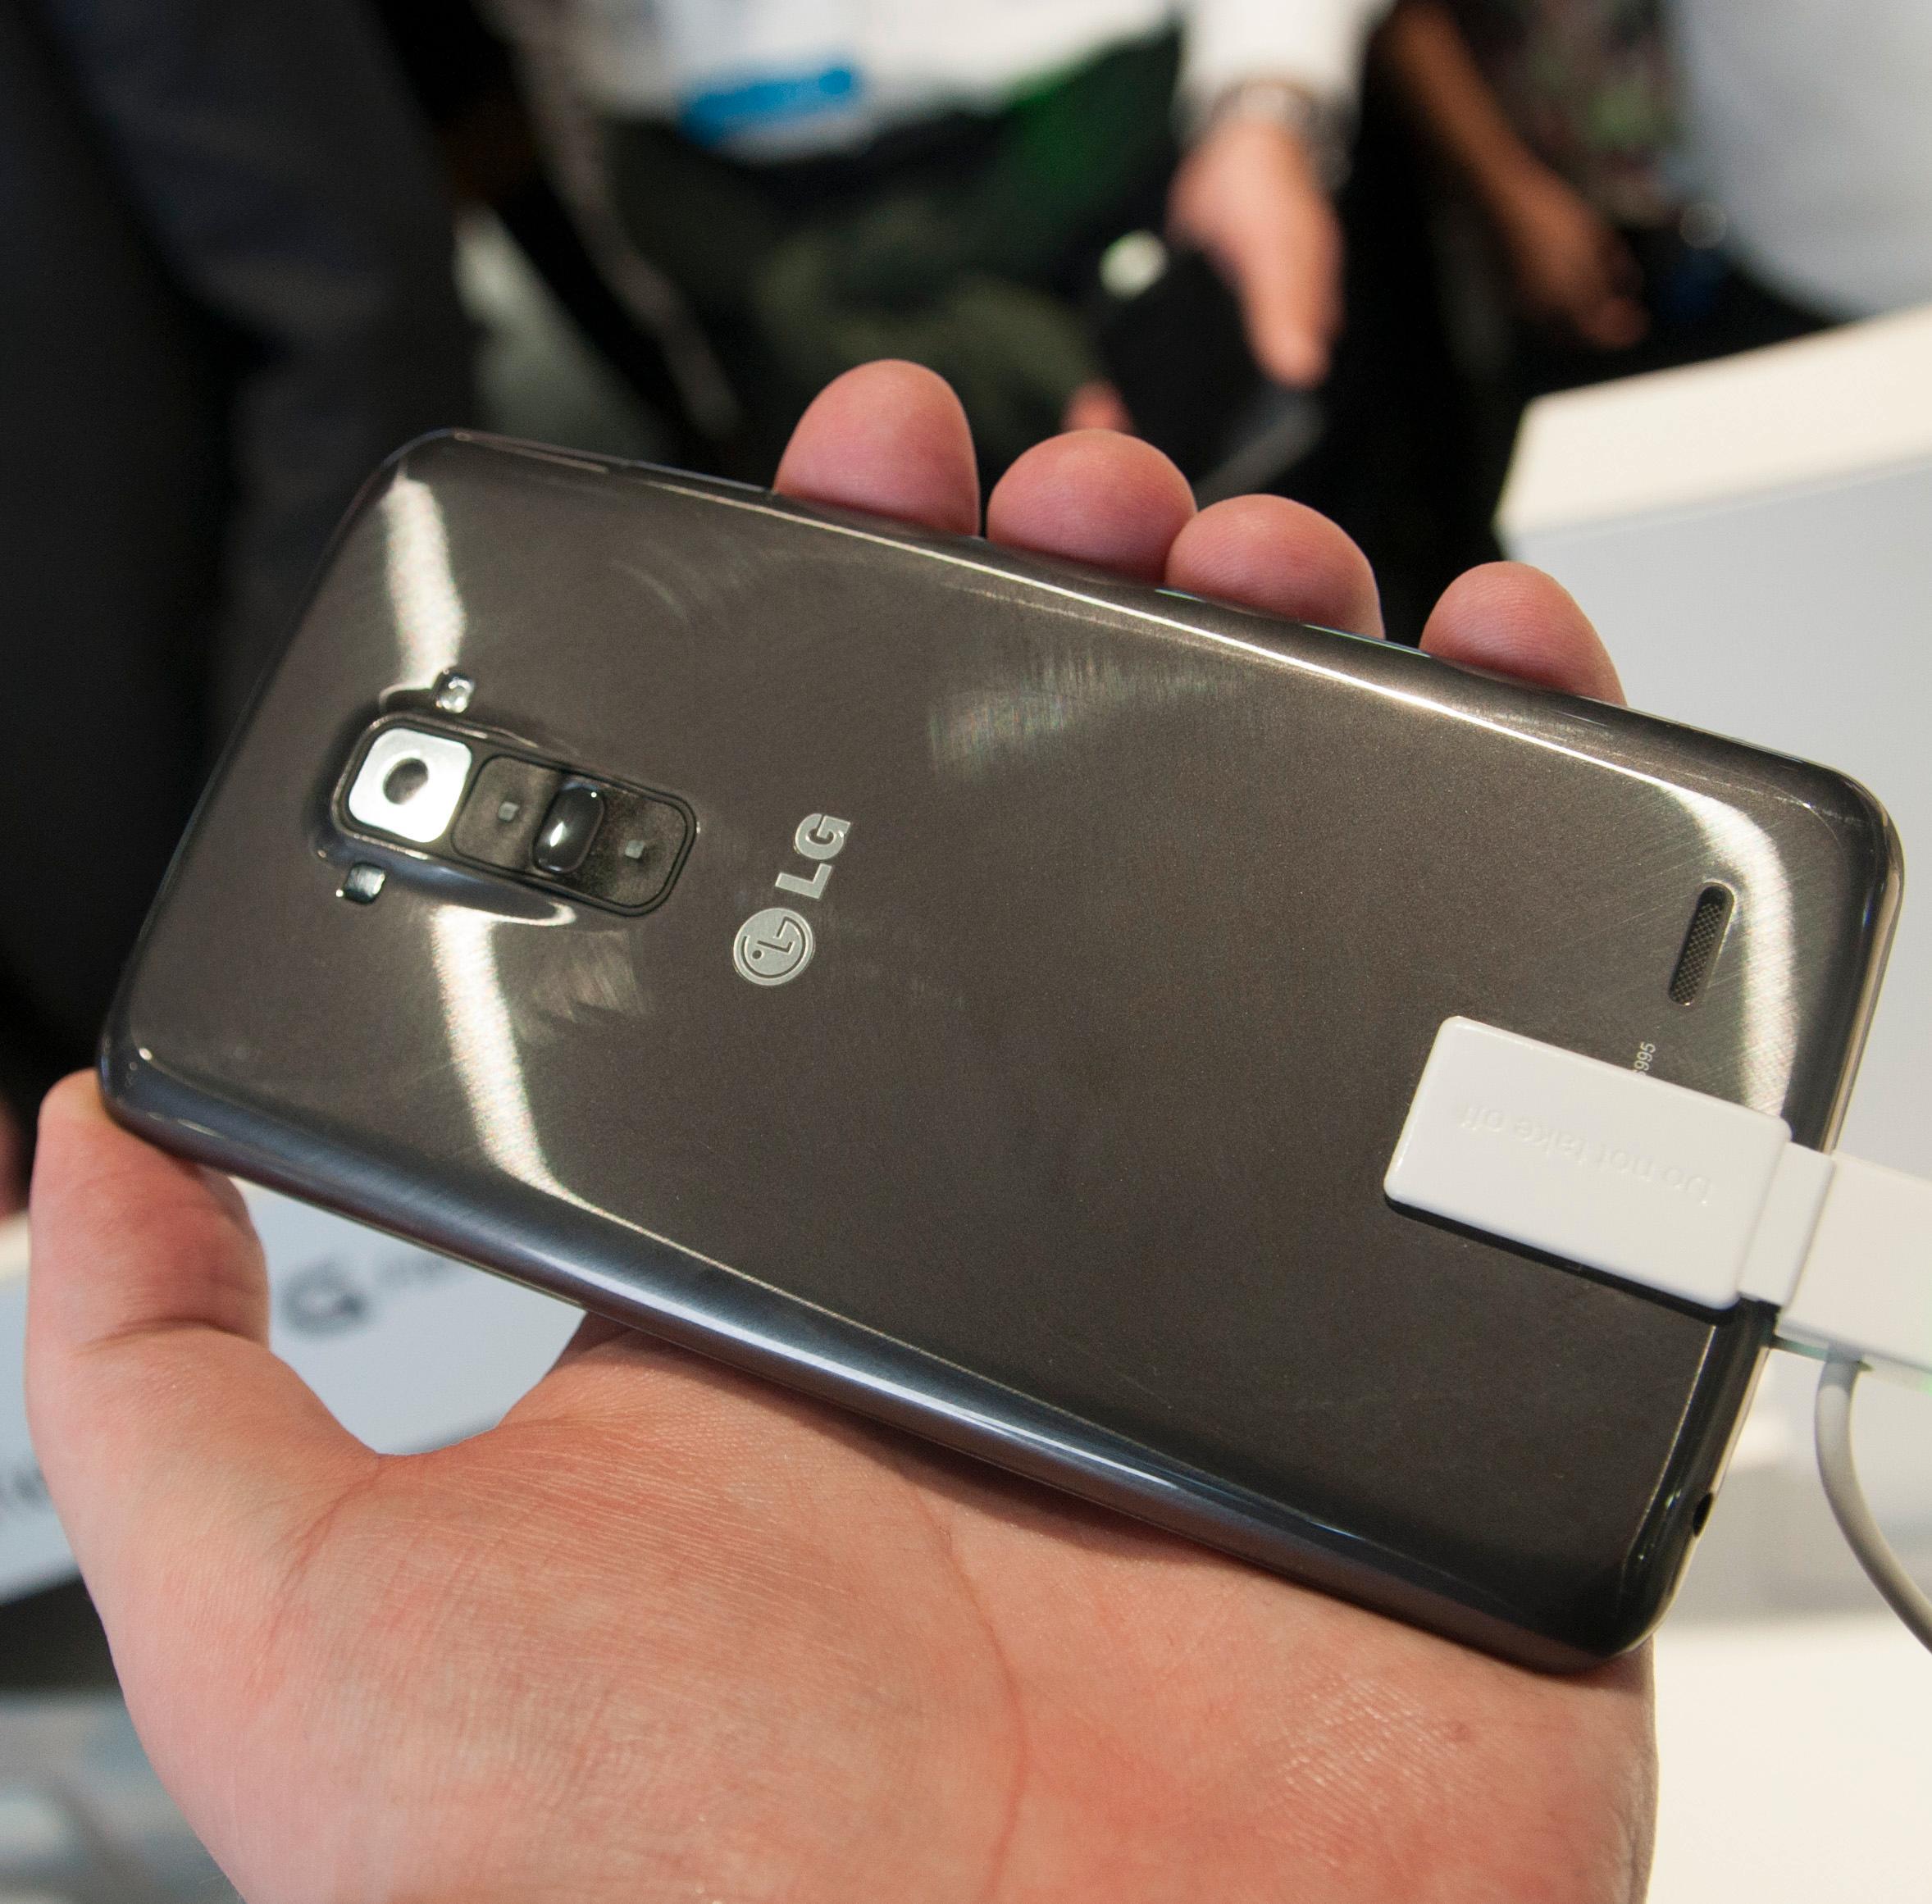 Får den nye telefonen knapper på baksiden, og selvreparerende lakk?Foto: Finn Jarle Kvalheim, Amobil.no